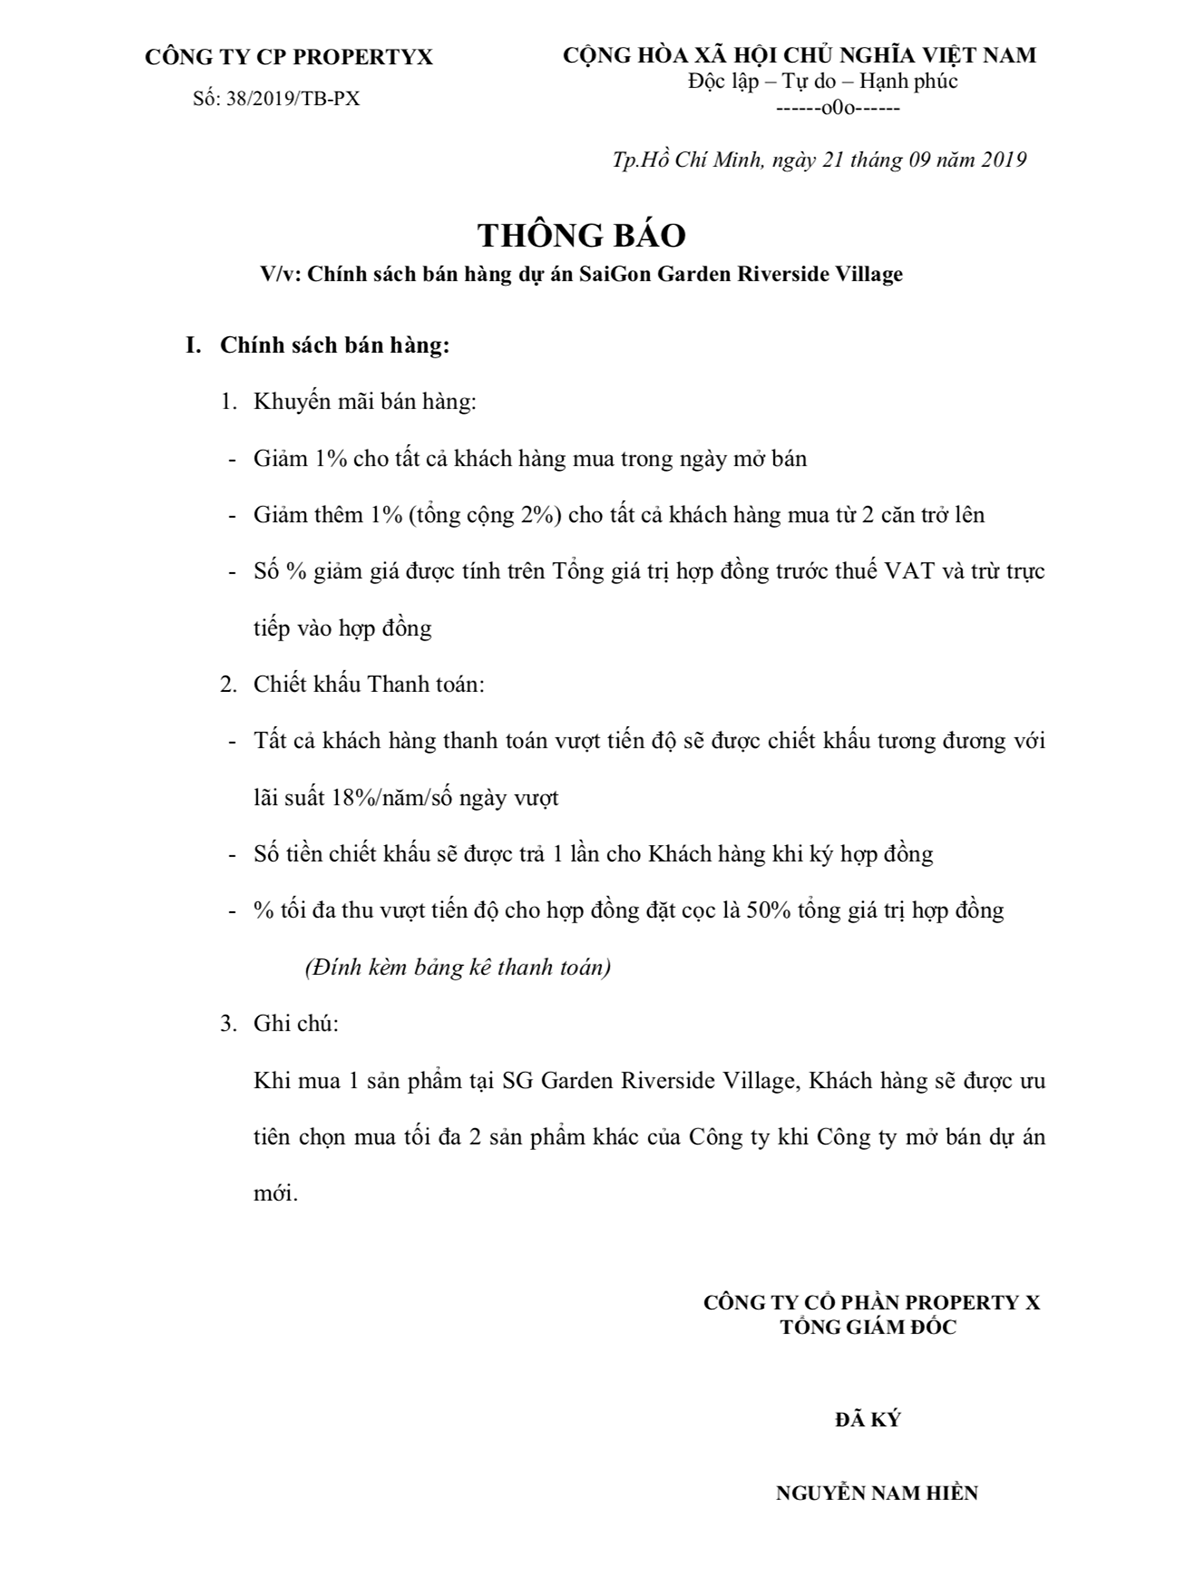 Chính sách bán hàng Saigon Garden Riverside